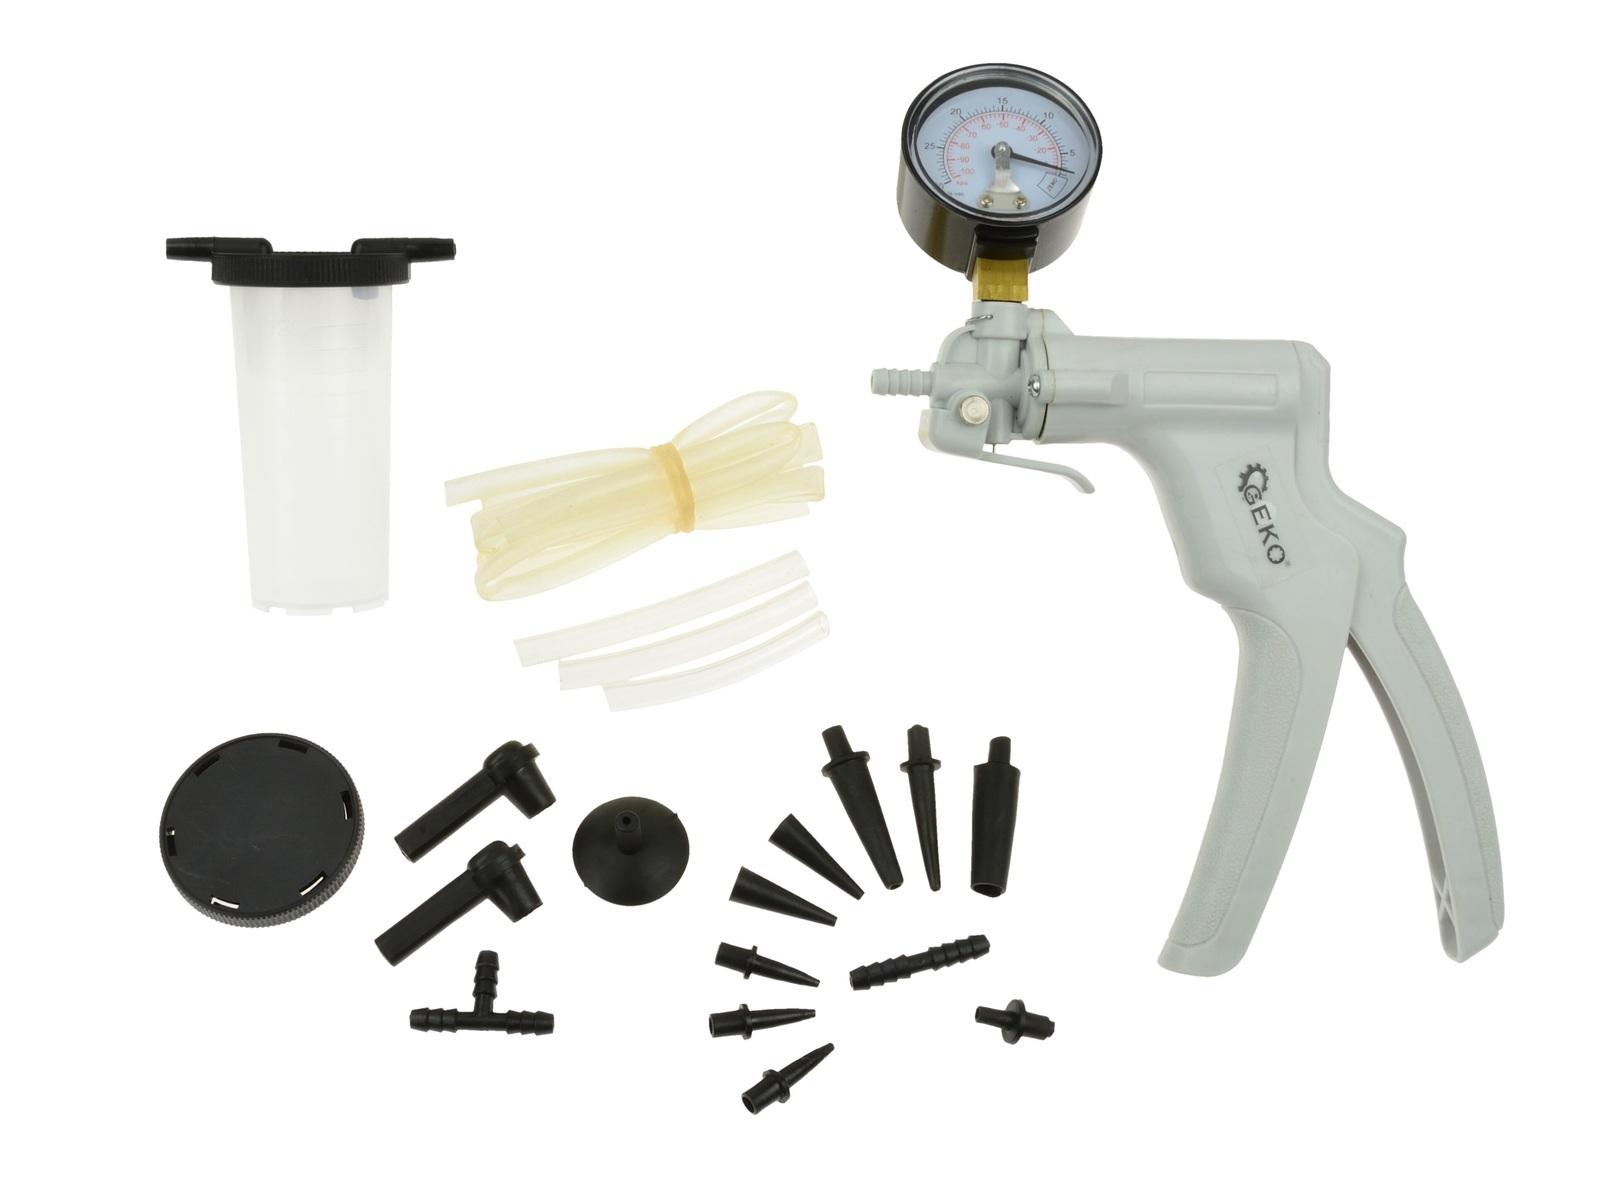 GEKO G01157 Pumpa vakuová, na měření a vytváření podtlaku, s příslušenstvím